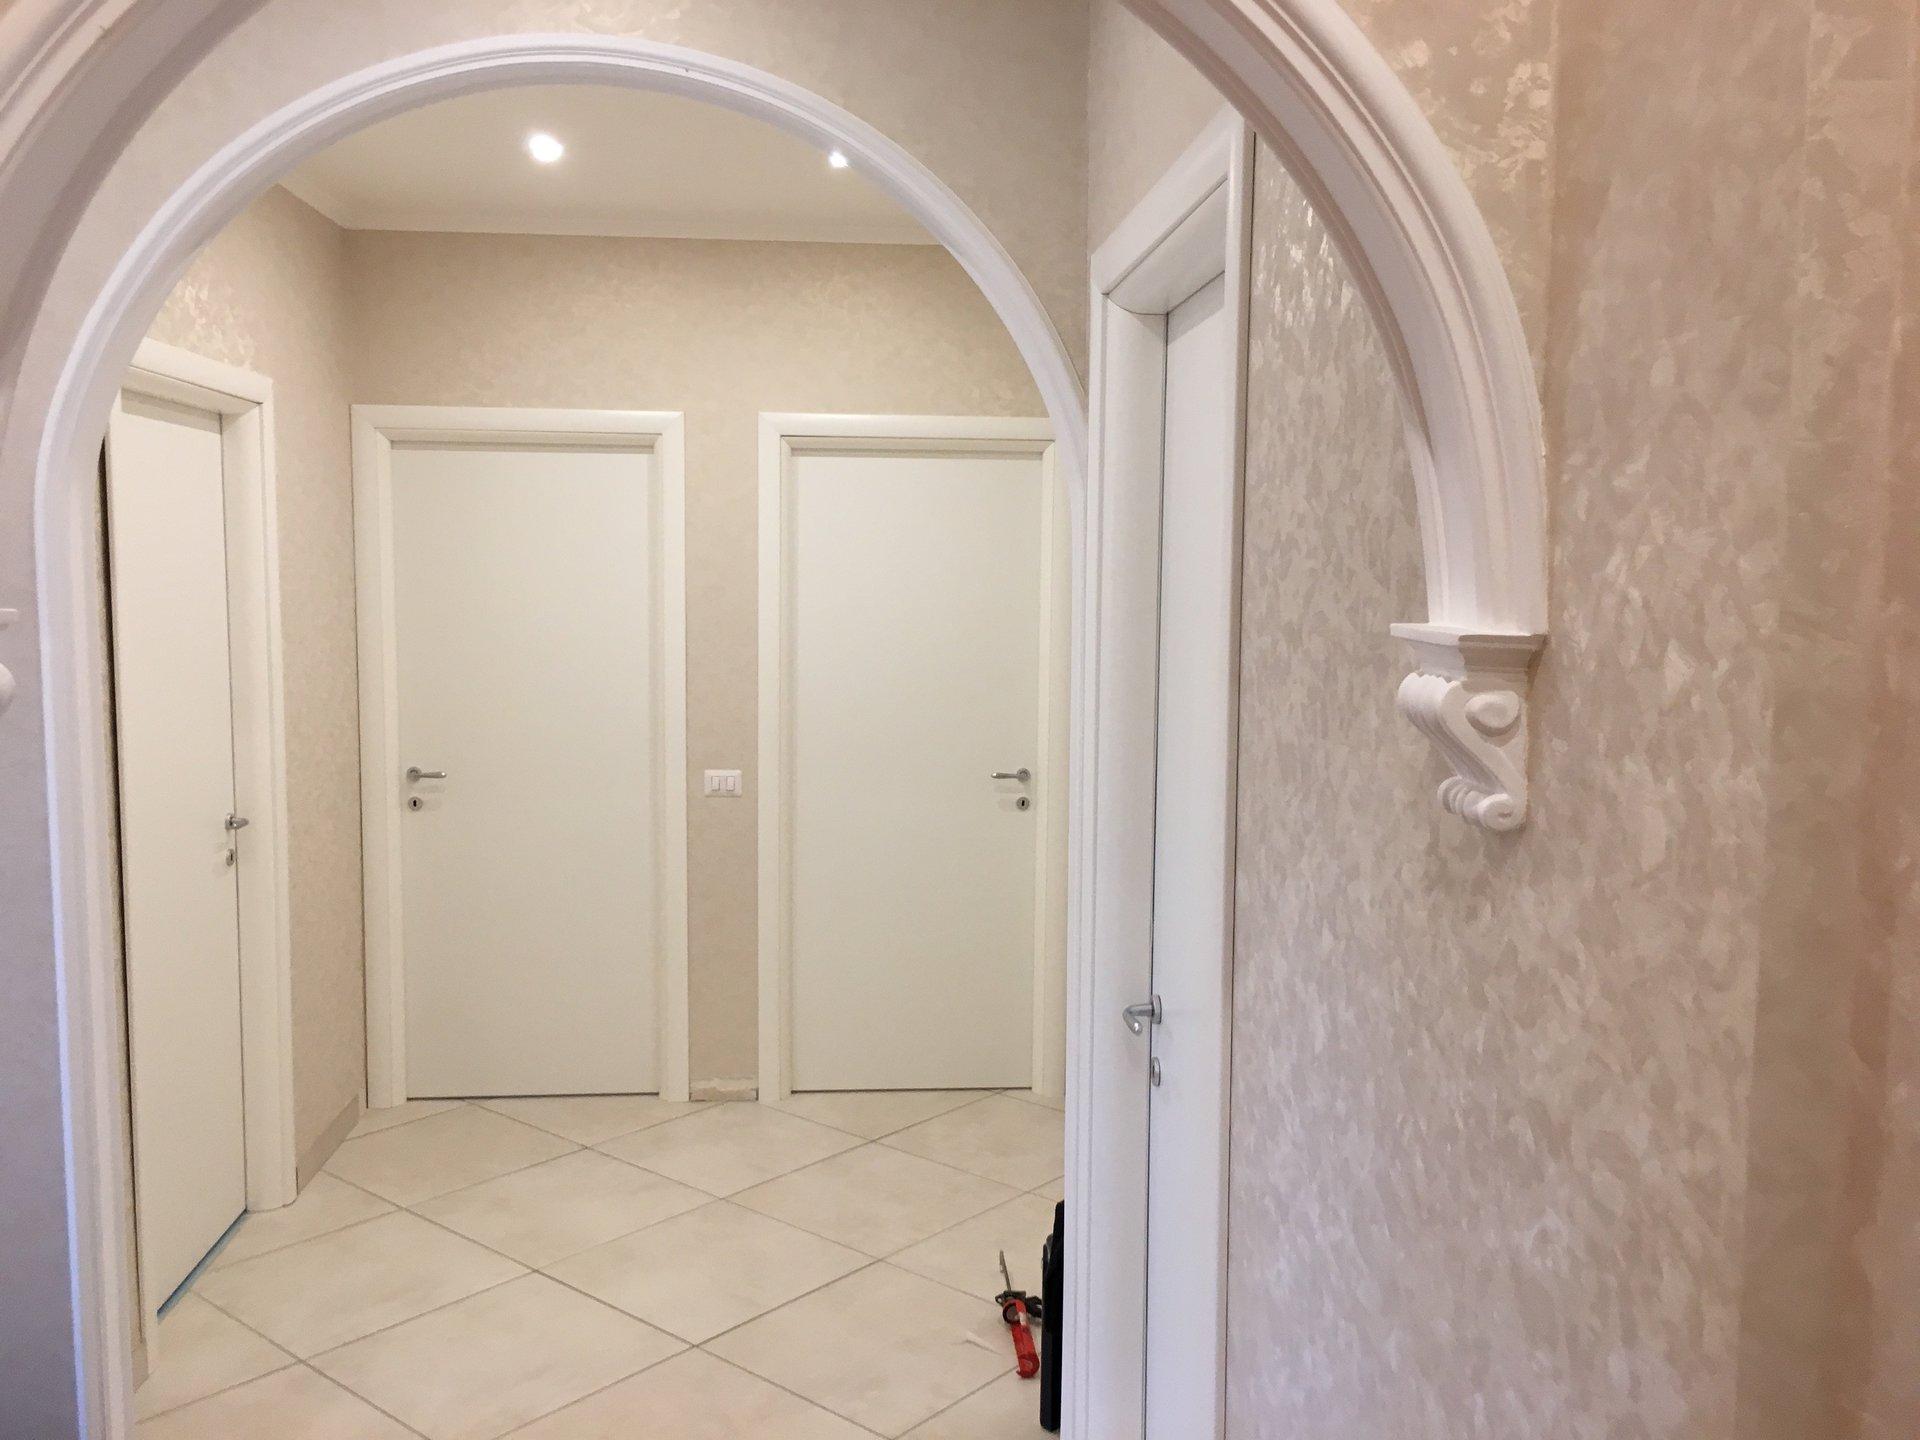 porte bianche su corridoio con archi